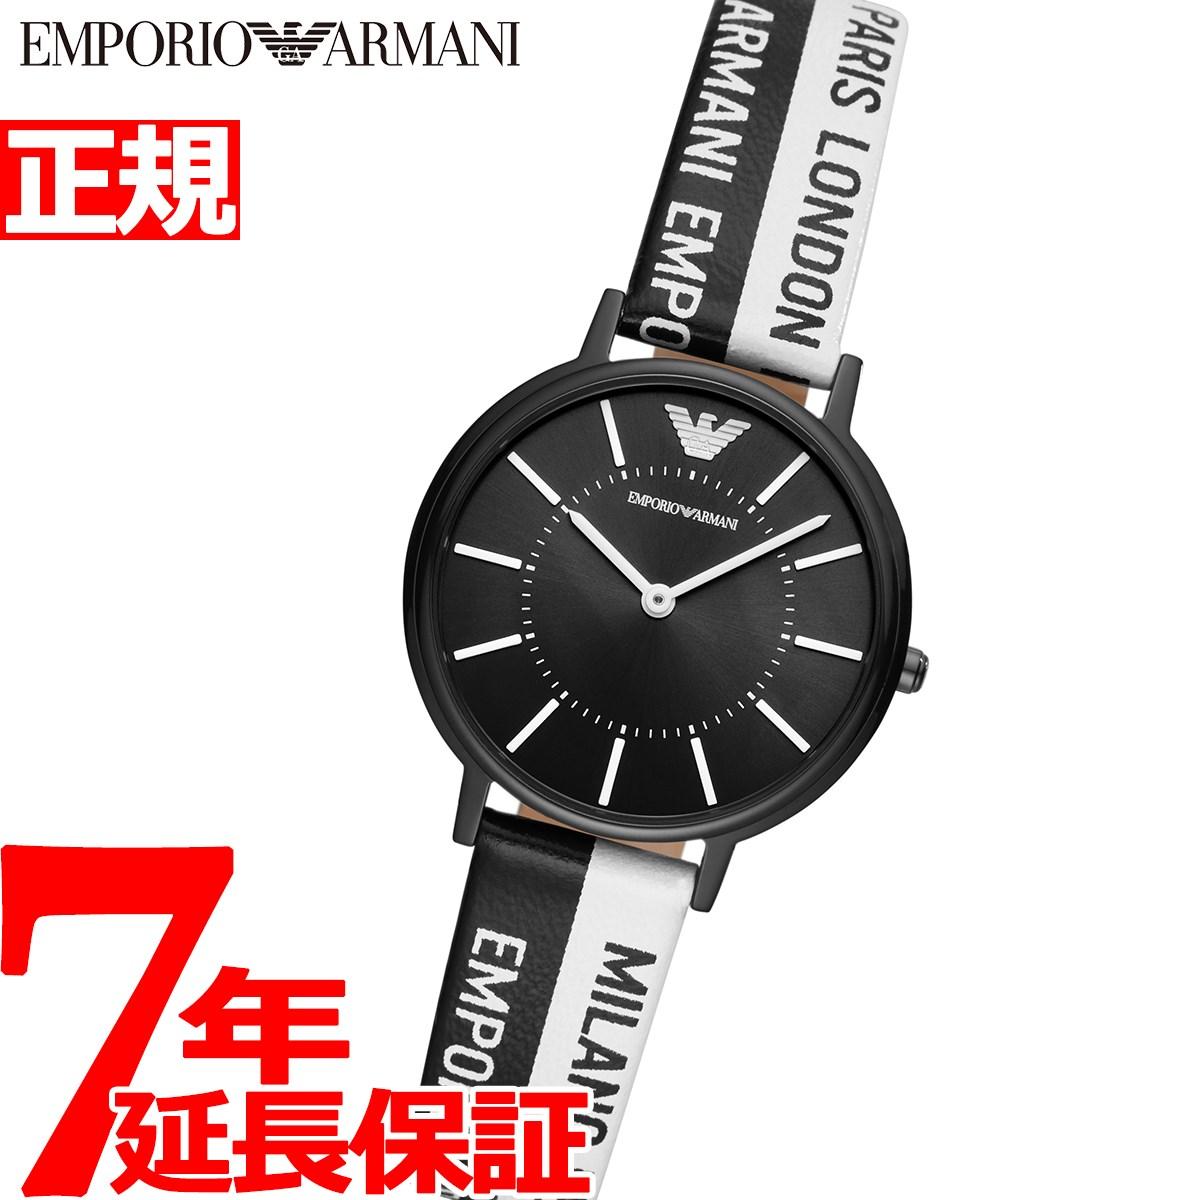 【5日0時~♪10%OFFクーポン&店内ポイント最大51倍!5日23時59分まで】エンポリオアルマーニ EMPORIO ARMANI 腕時計 レディース AR11253